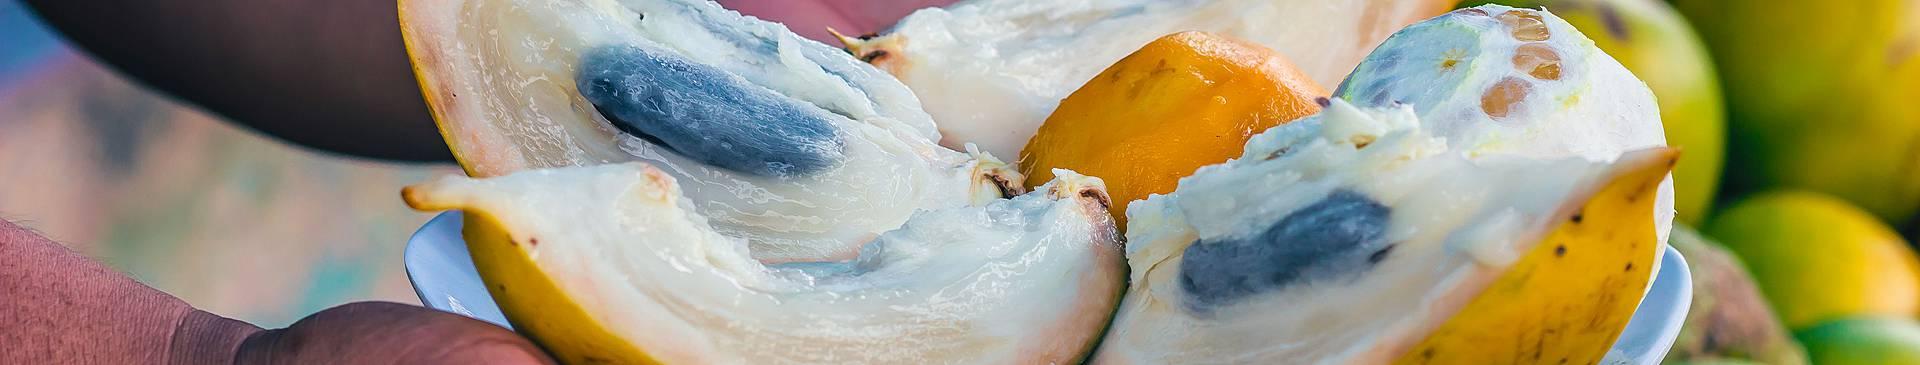 Rutas gastronómicas y enológicas por Perú